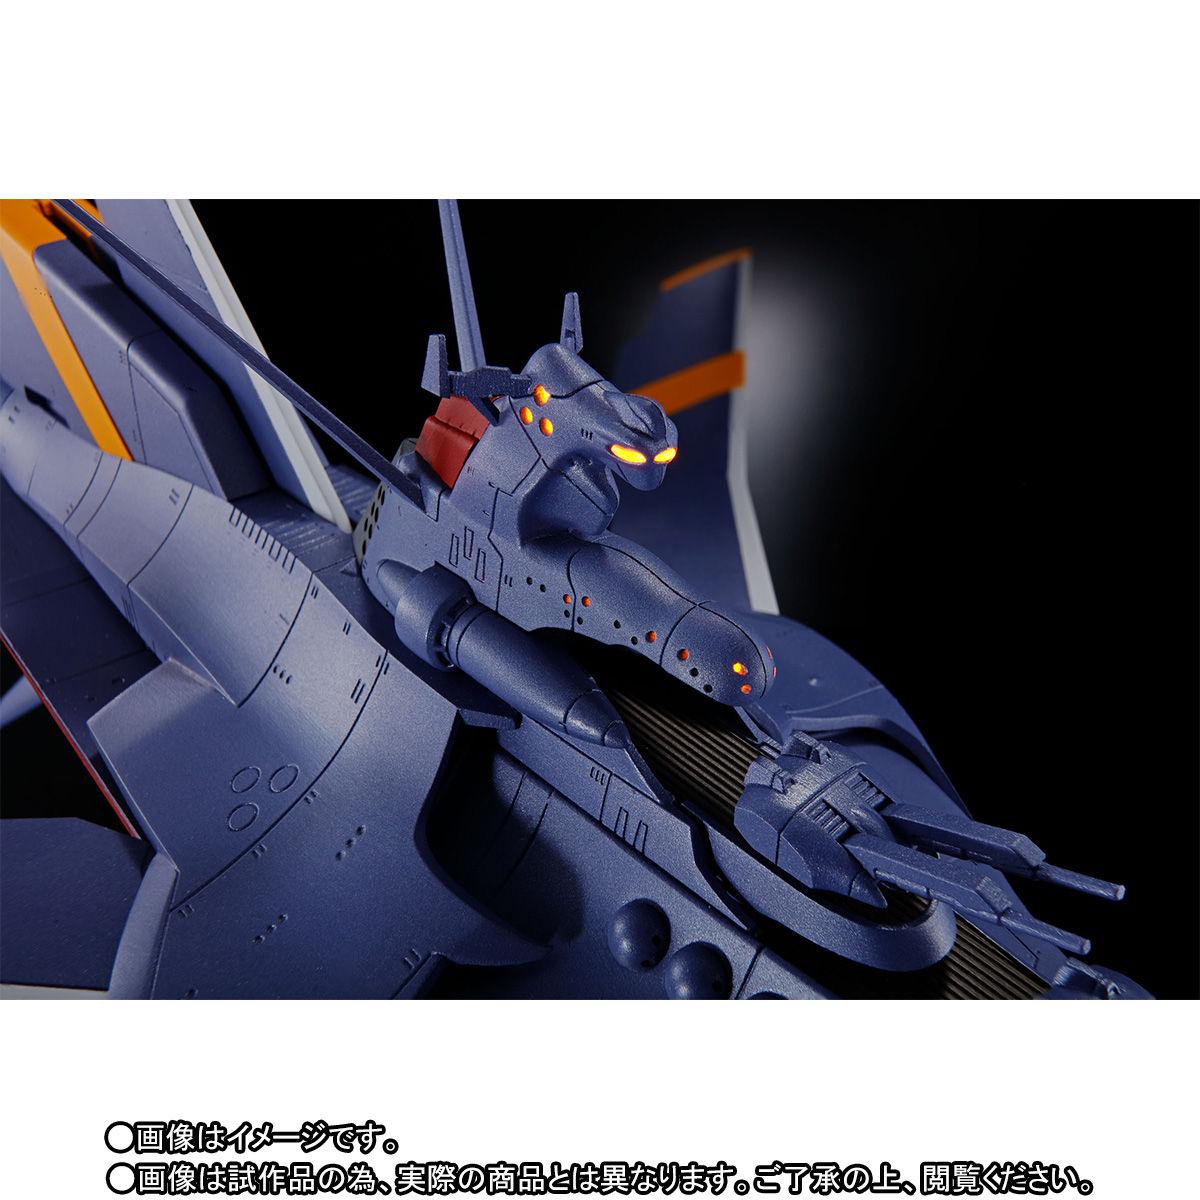 超合金魂 GX-80 万能戦艦 Ν-ノーチラス号(通常版)-004